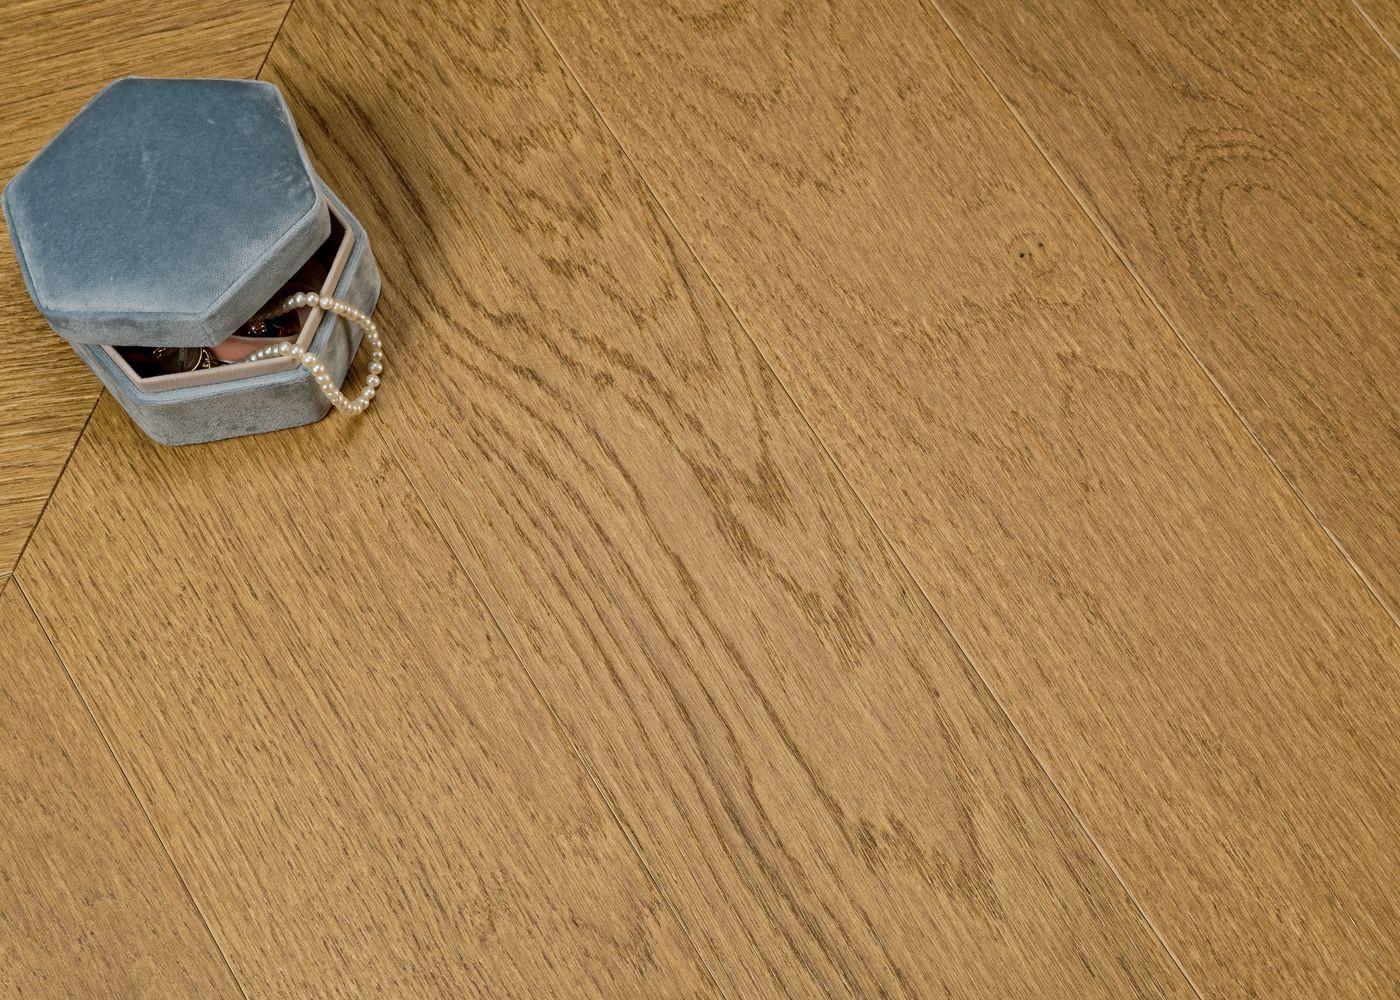 Parquet chêne contrecollé VIENNE Point de Hongrie brossé vernis mat Select support HDF angle 45° 10x92x600